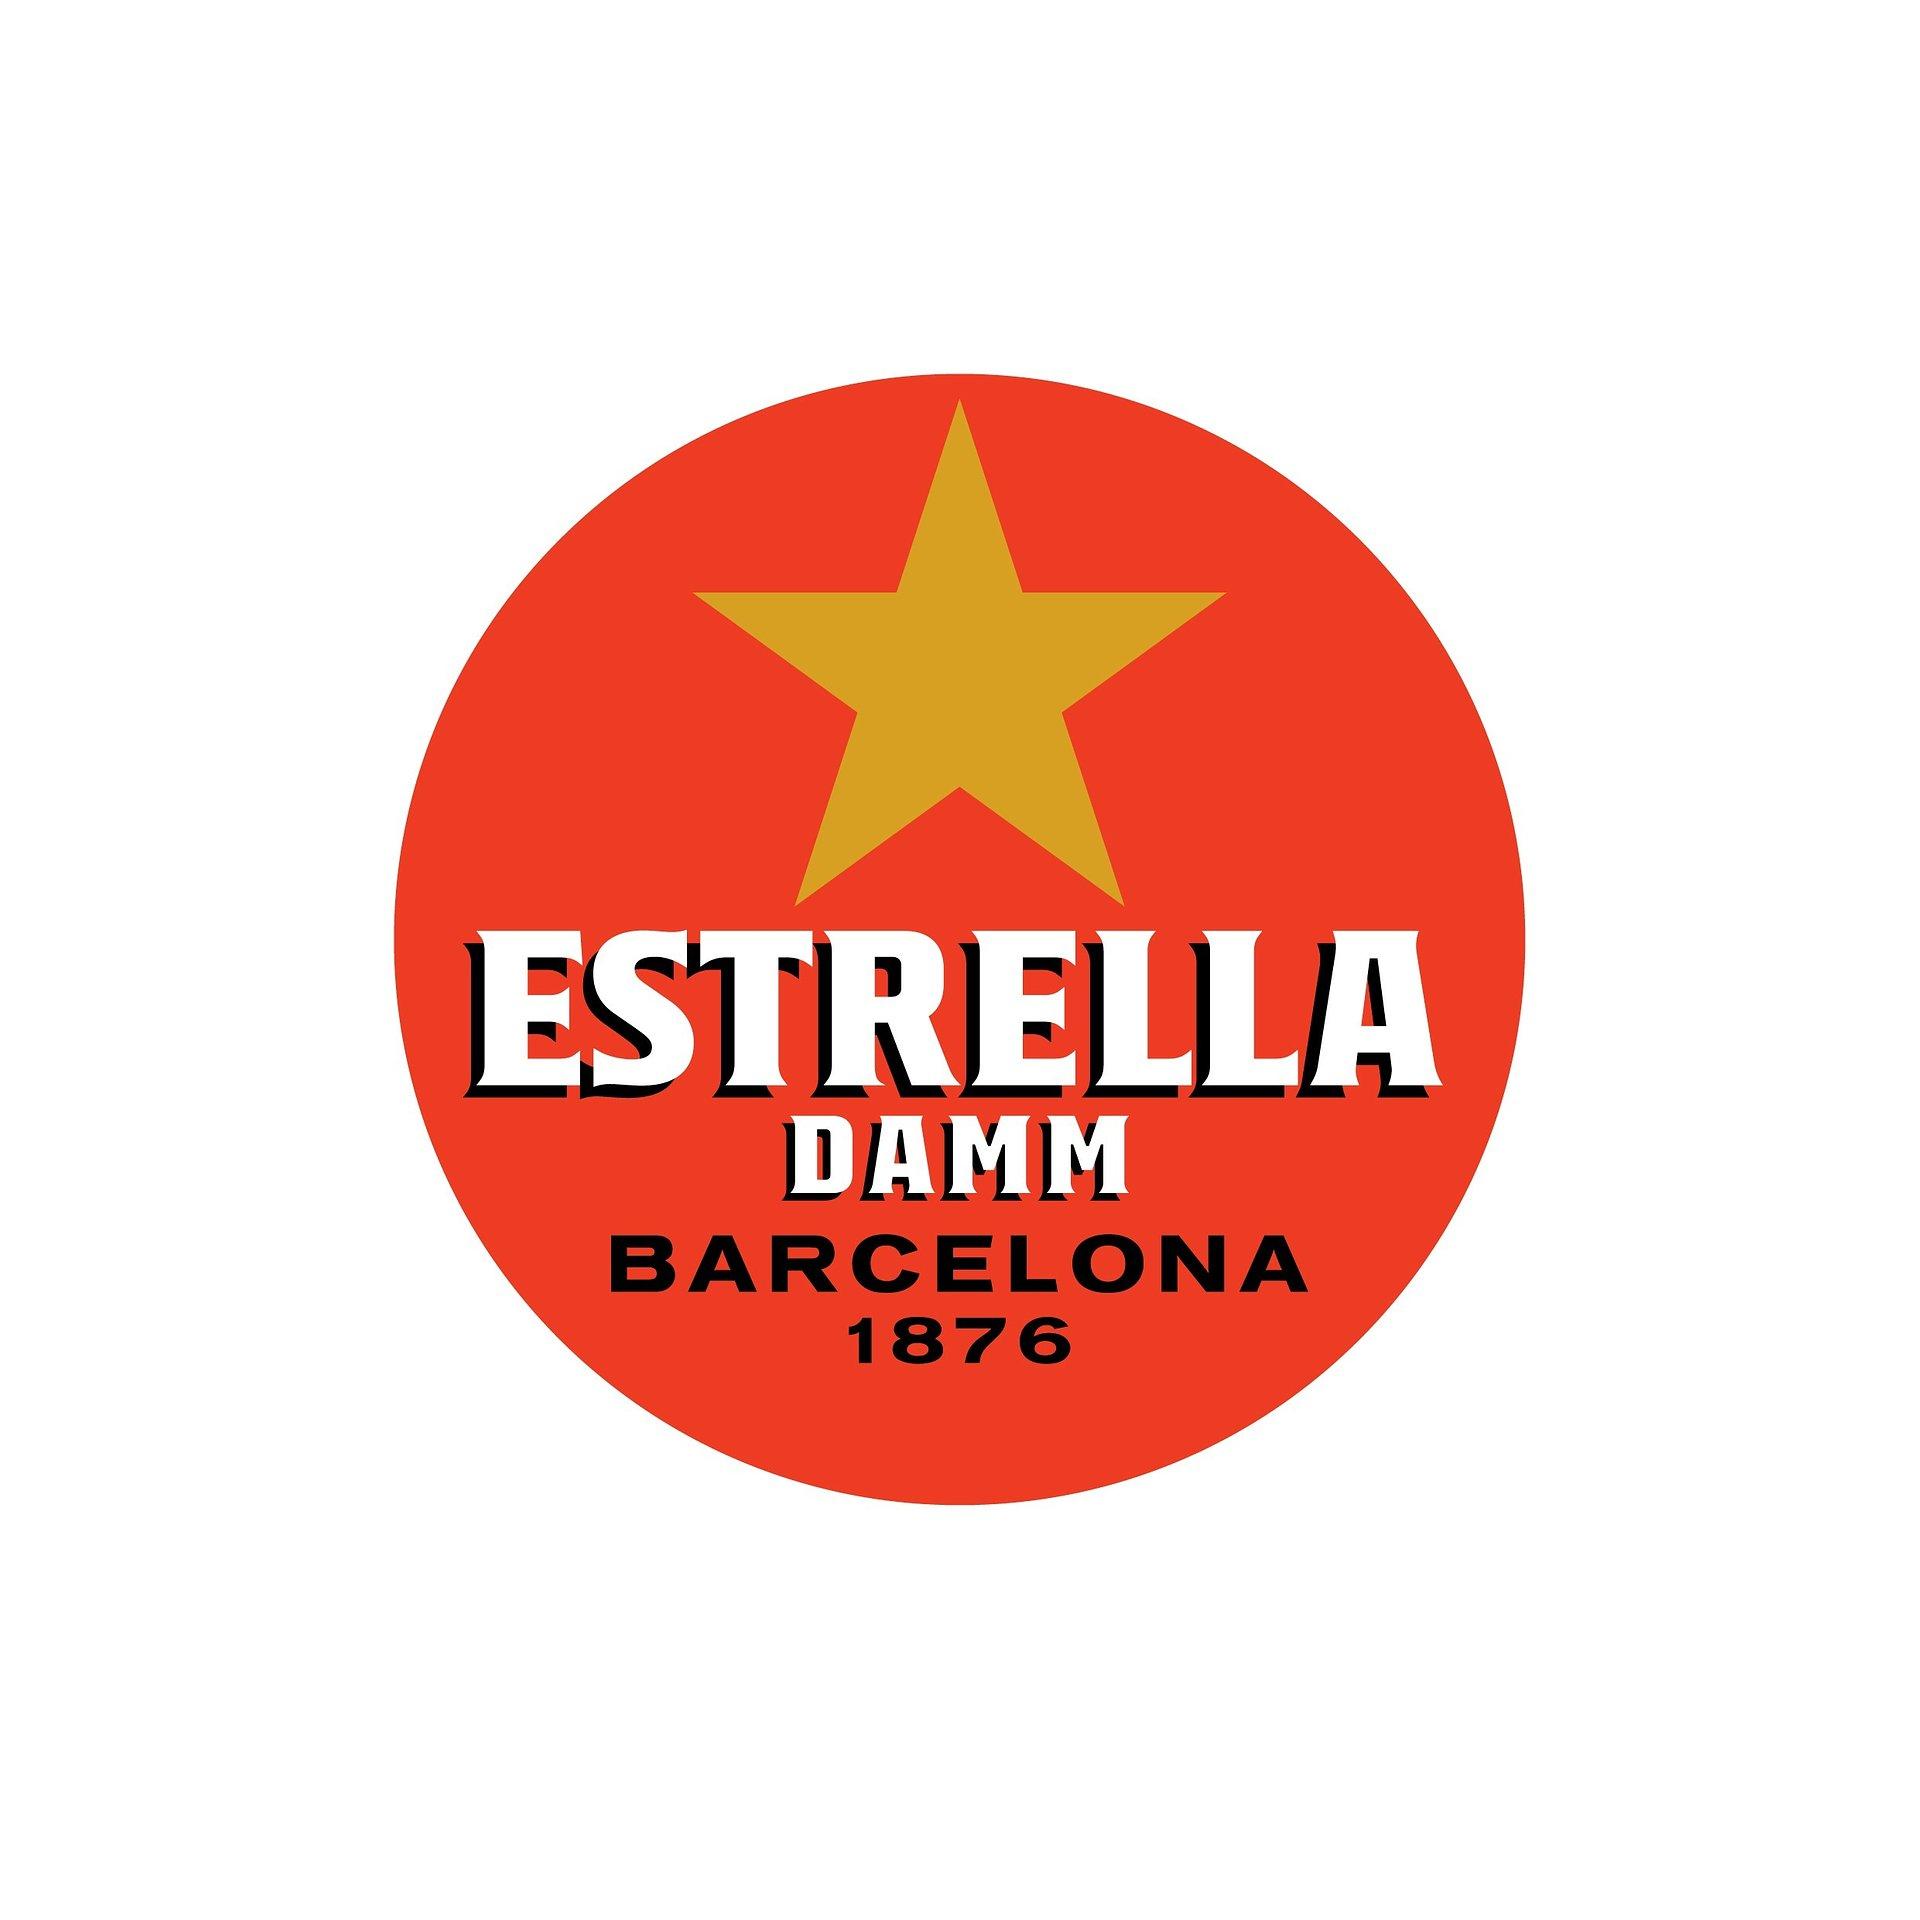 Estrella Damm acredita no Poder da Comida